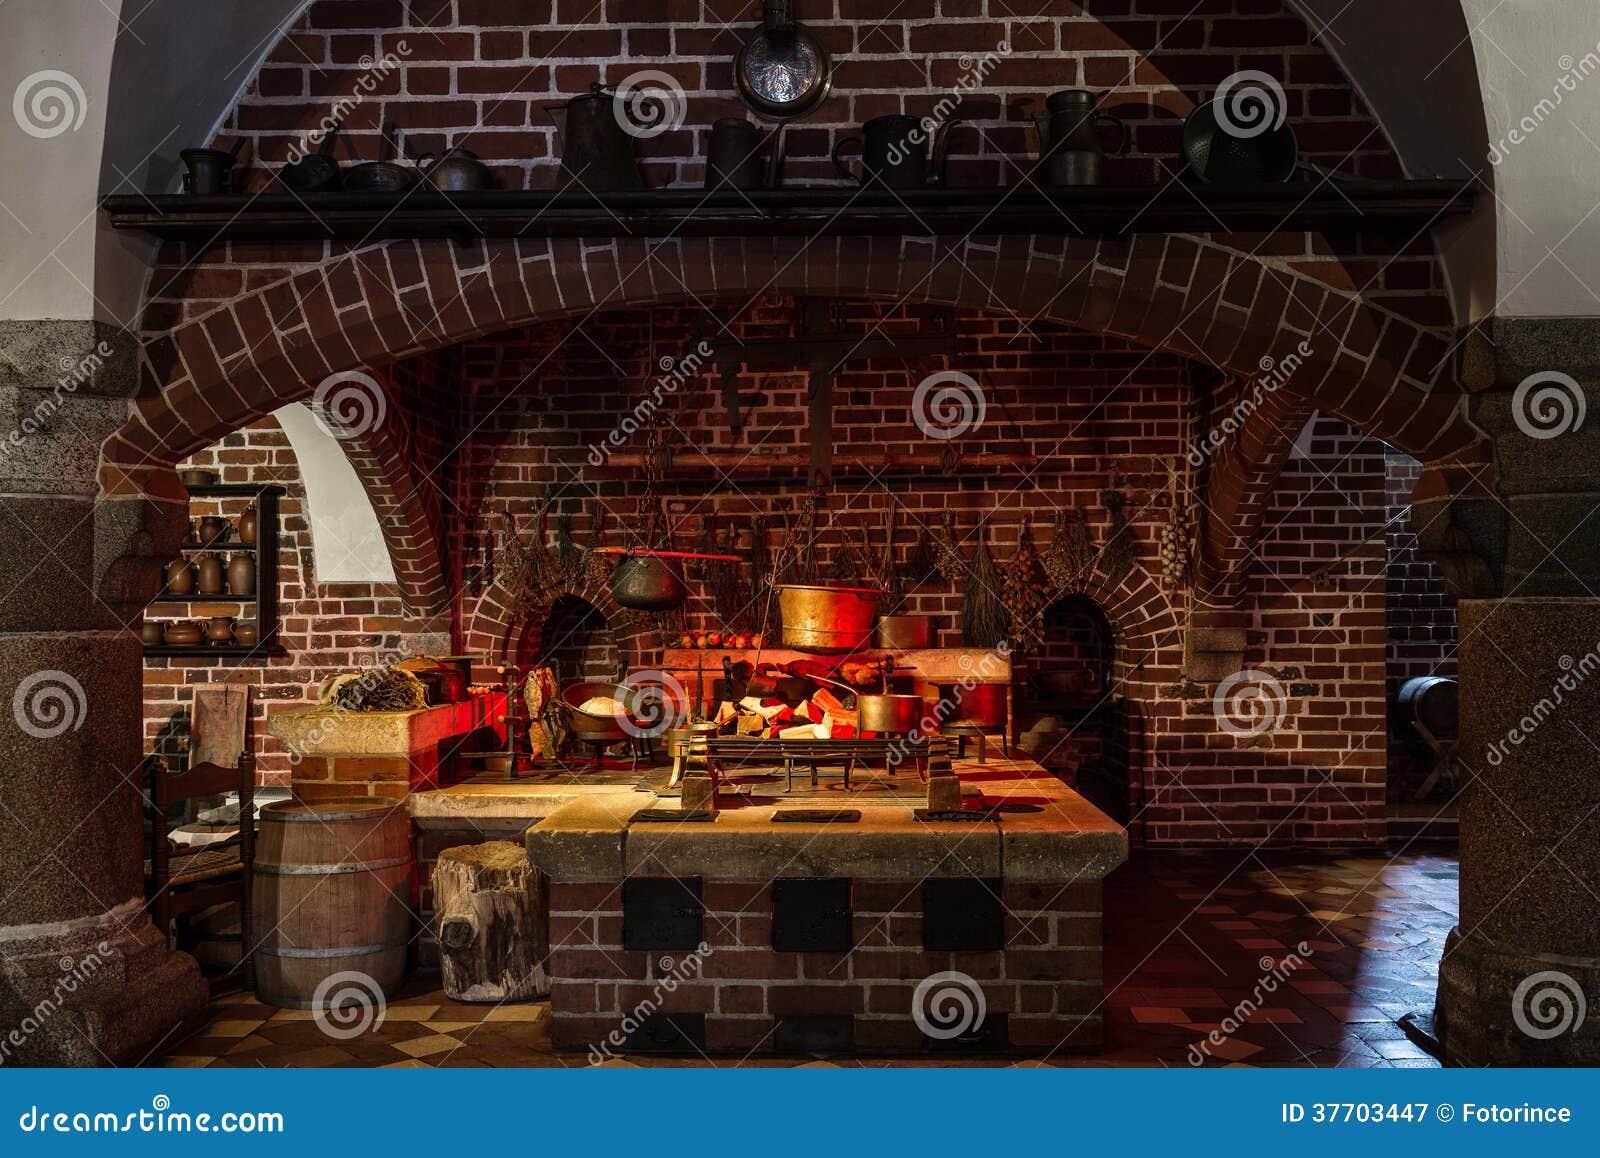 Cuisine de style ancien photographie stock libre de droits image 37703447 - Cuisine style ancien ...